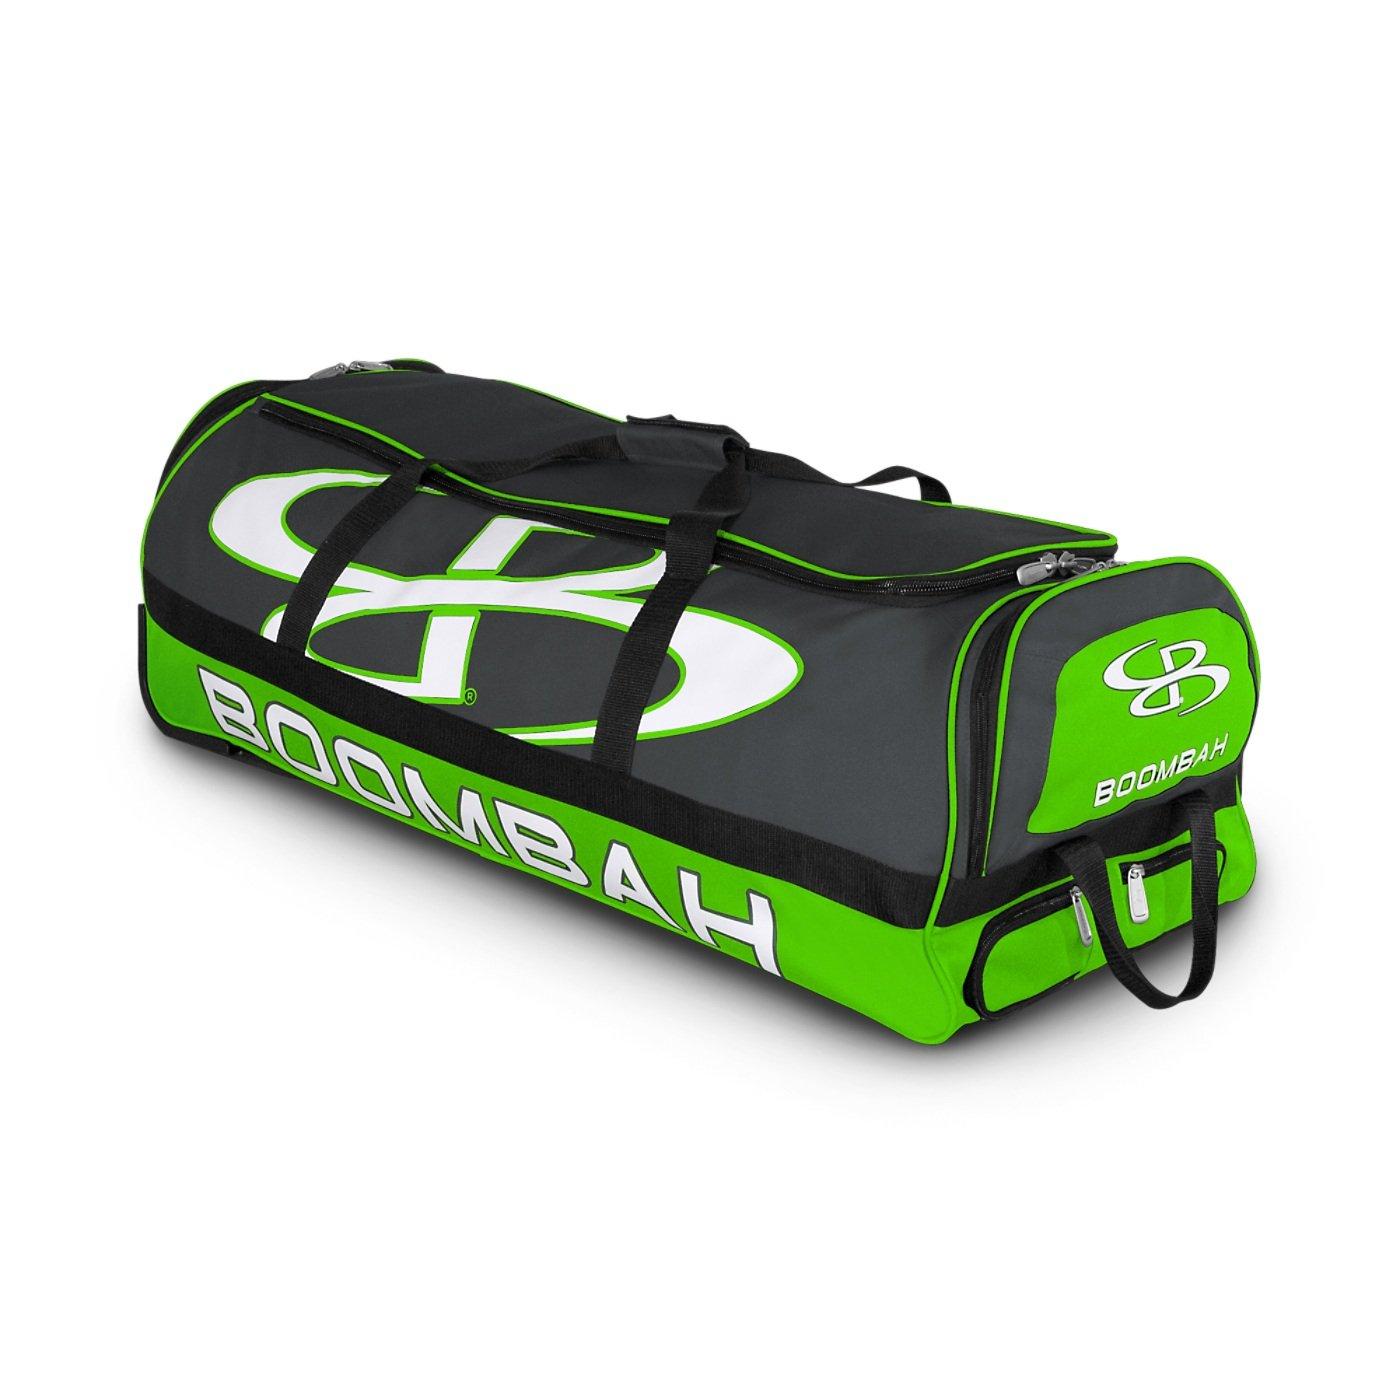 (ブームバー) Boombah Bruteシリーズ キャスター付きバットケース 野球ソフトボール用 35×15×12–1/2インチ 49色展開 4本のバットと用具を収納可能 B01N6AIXGK Dark Charcoal/Lime Green Dark Charcoal/Lime Green